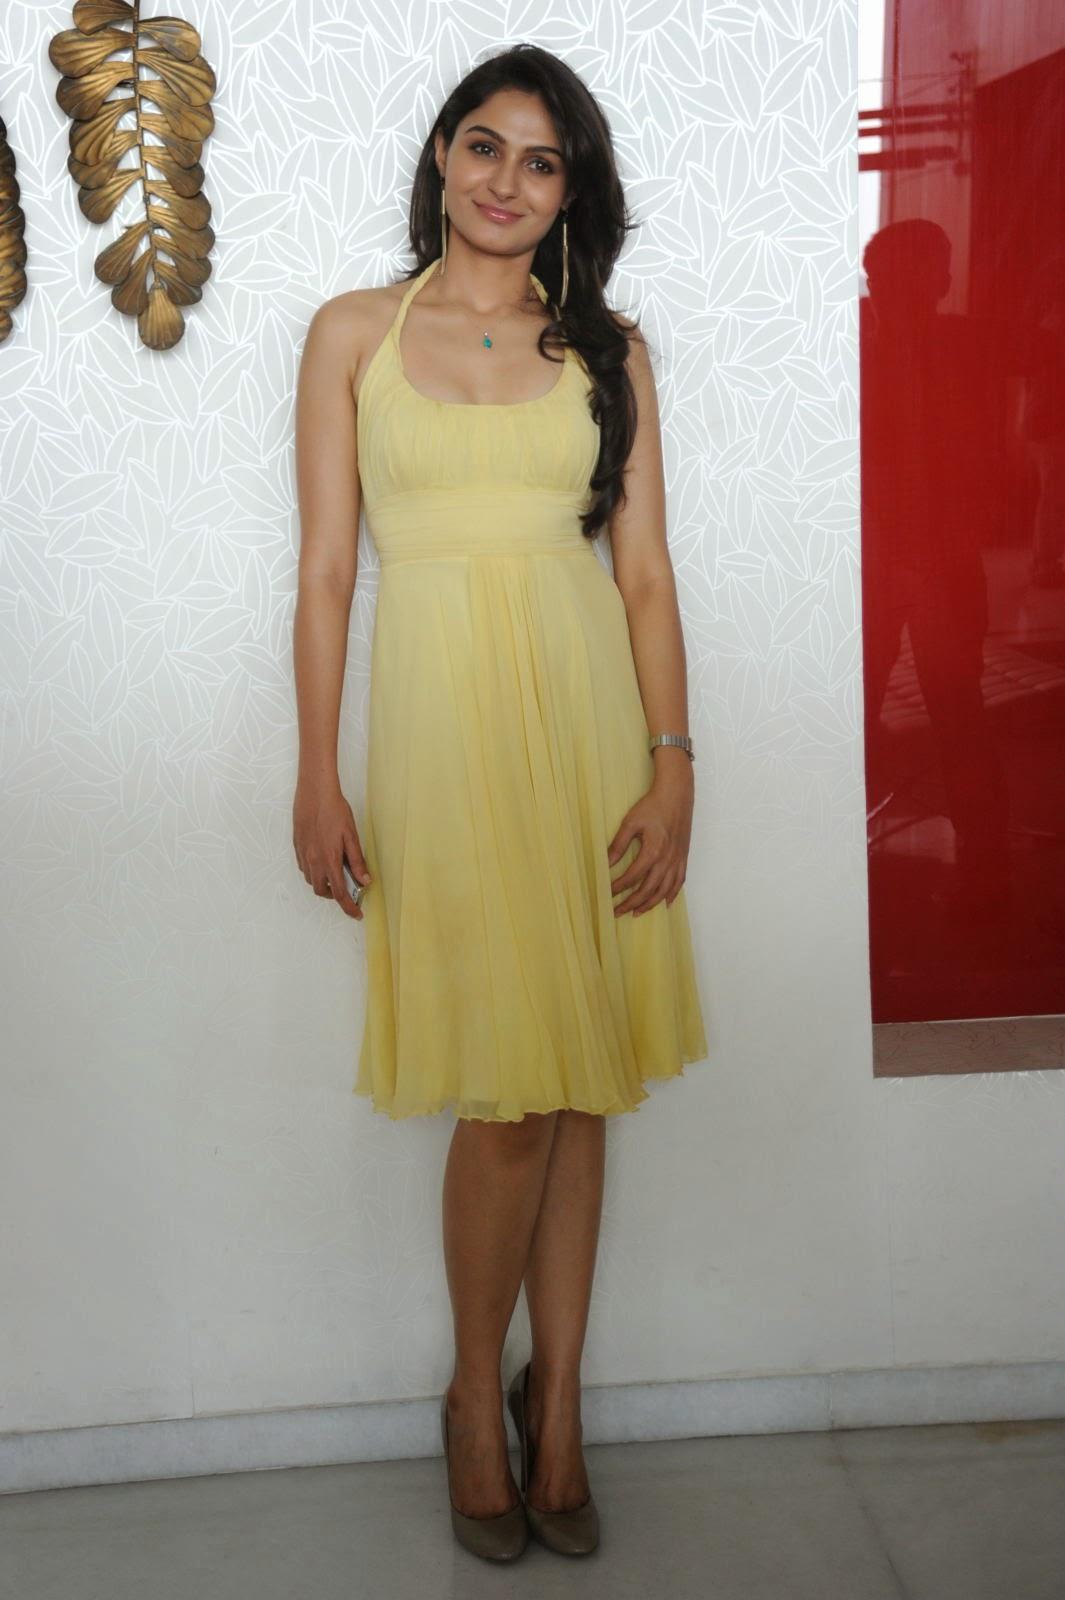 Andrea Jeremiah Hot Yellow Dress Photoshoot | Andrea Jeremiah Images ...